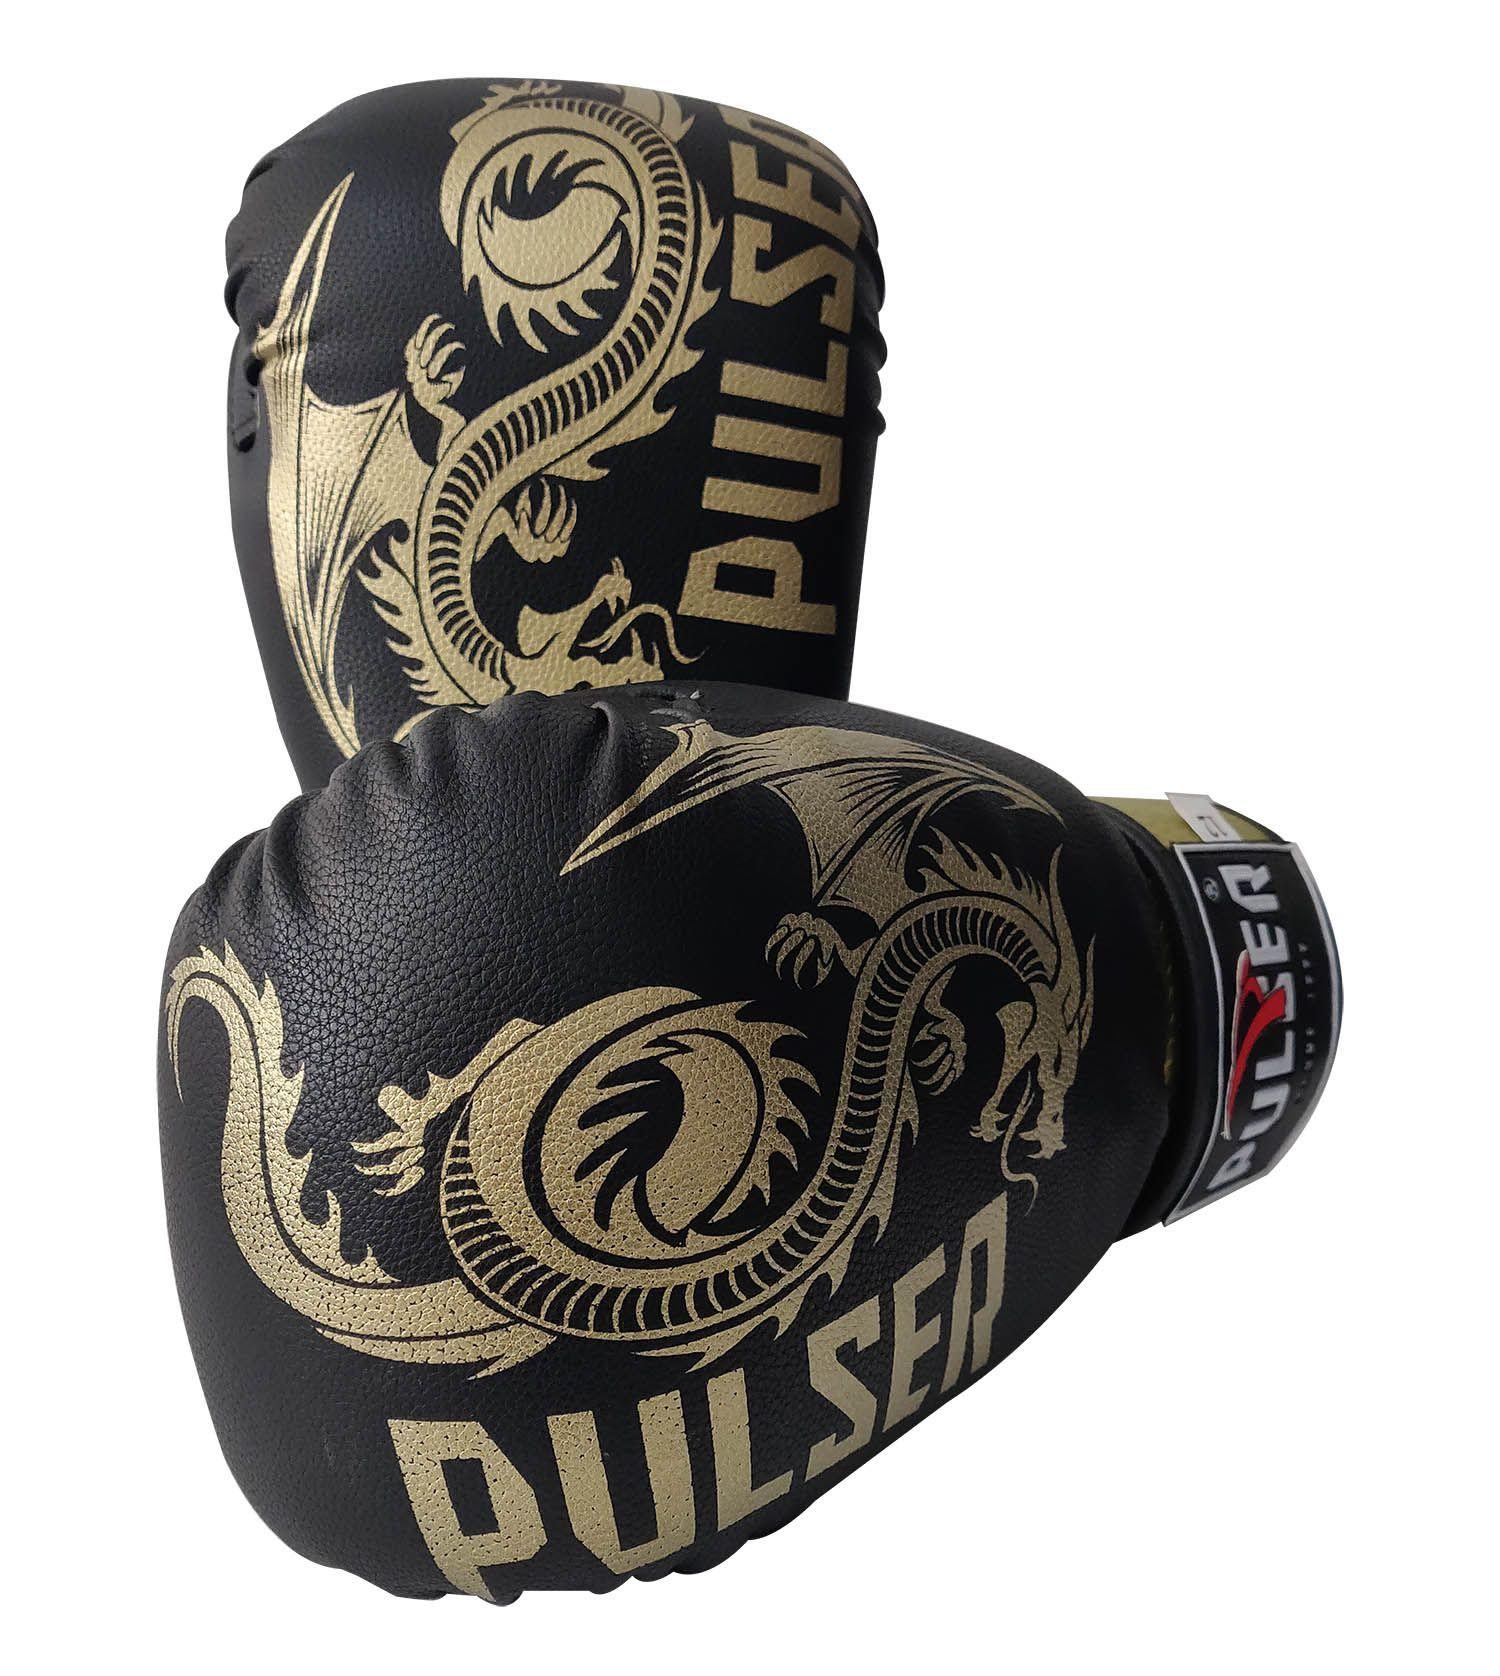 Kit de Boxe / Muay Thai 14oz - Dragão Preto / Dourado Riscado - Pulser  - PRALUTA SHOP